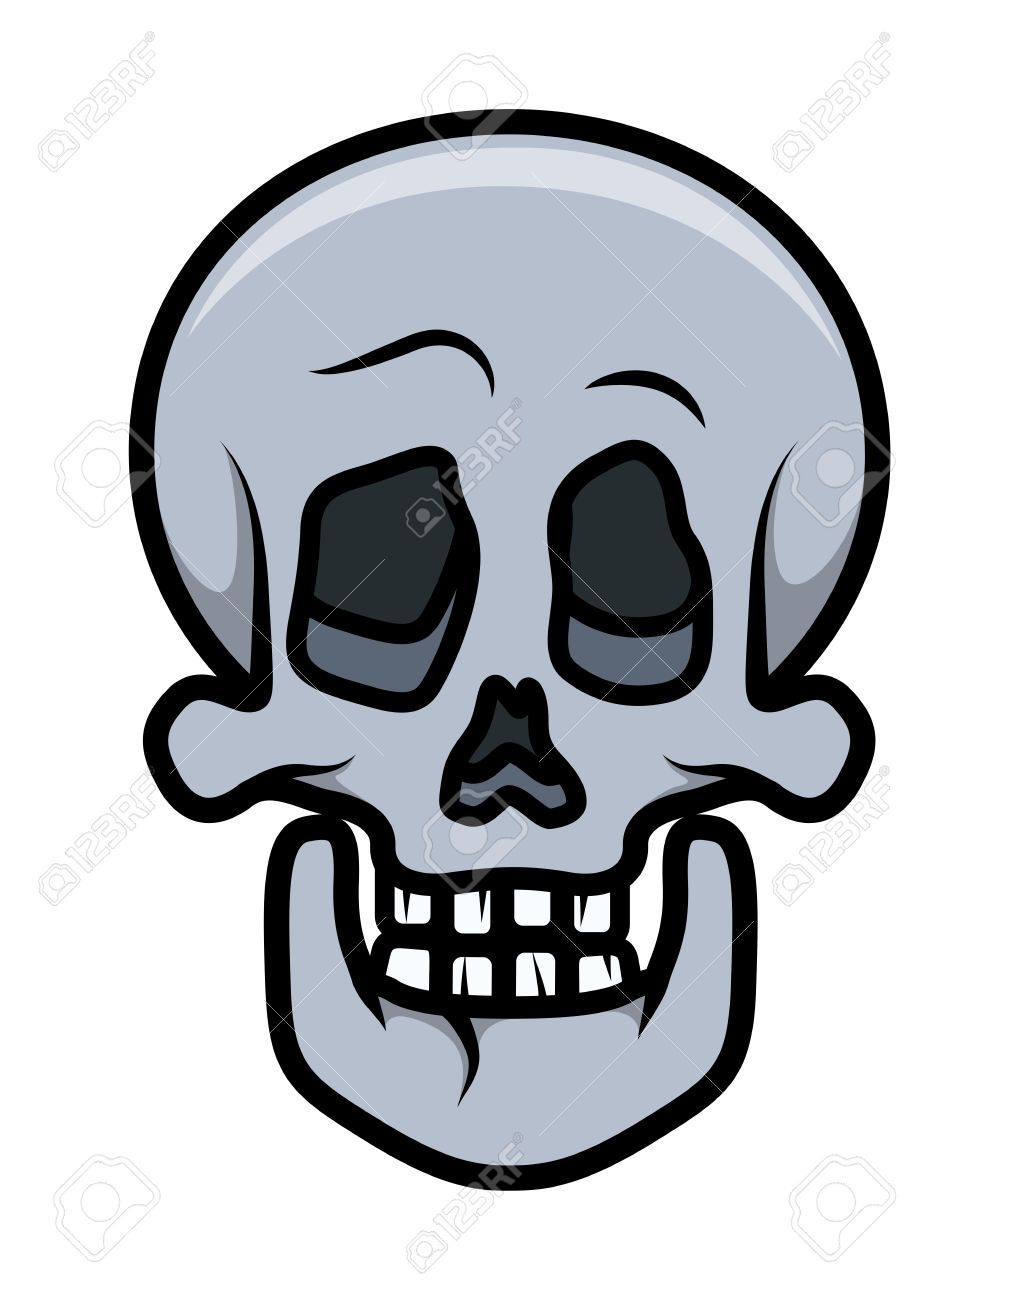 skull cartoon tattoo vector cartoon illustration royalty free rh 123rf com pictures of cartoon skeleton heads cartoon skeleton head clip art